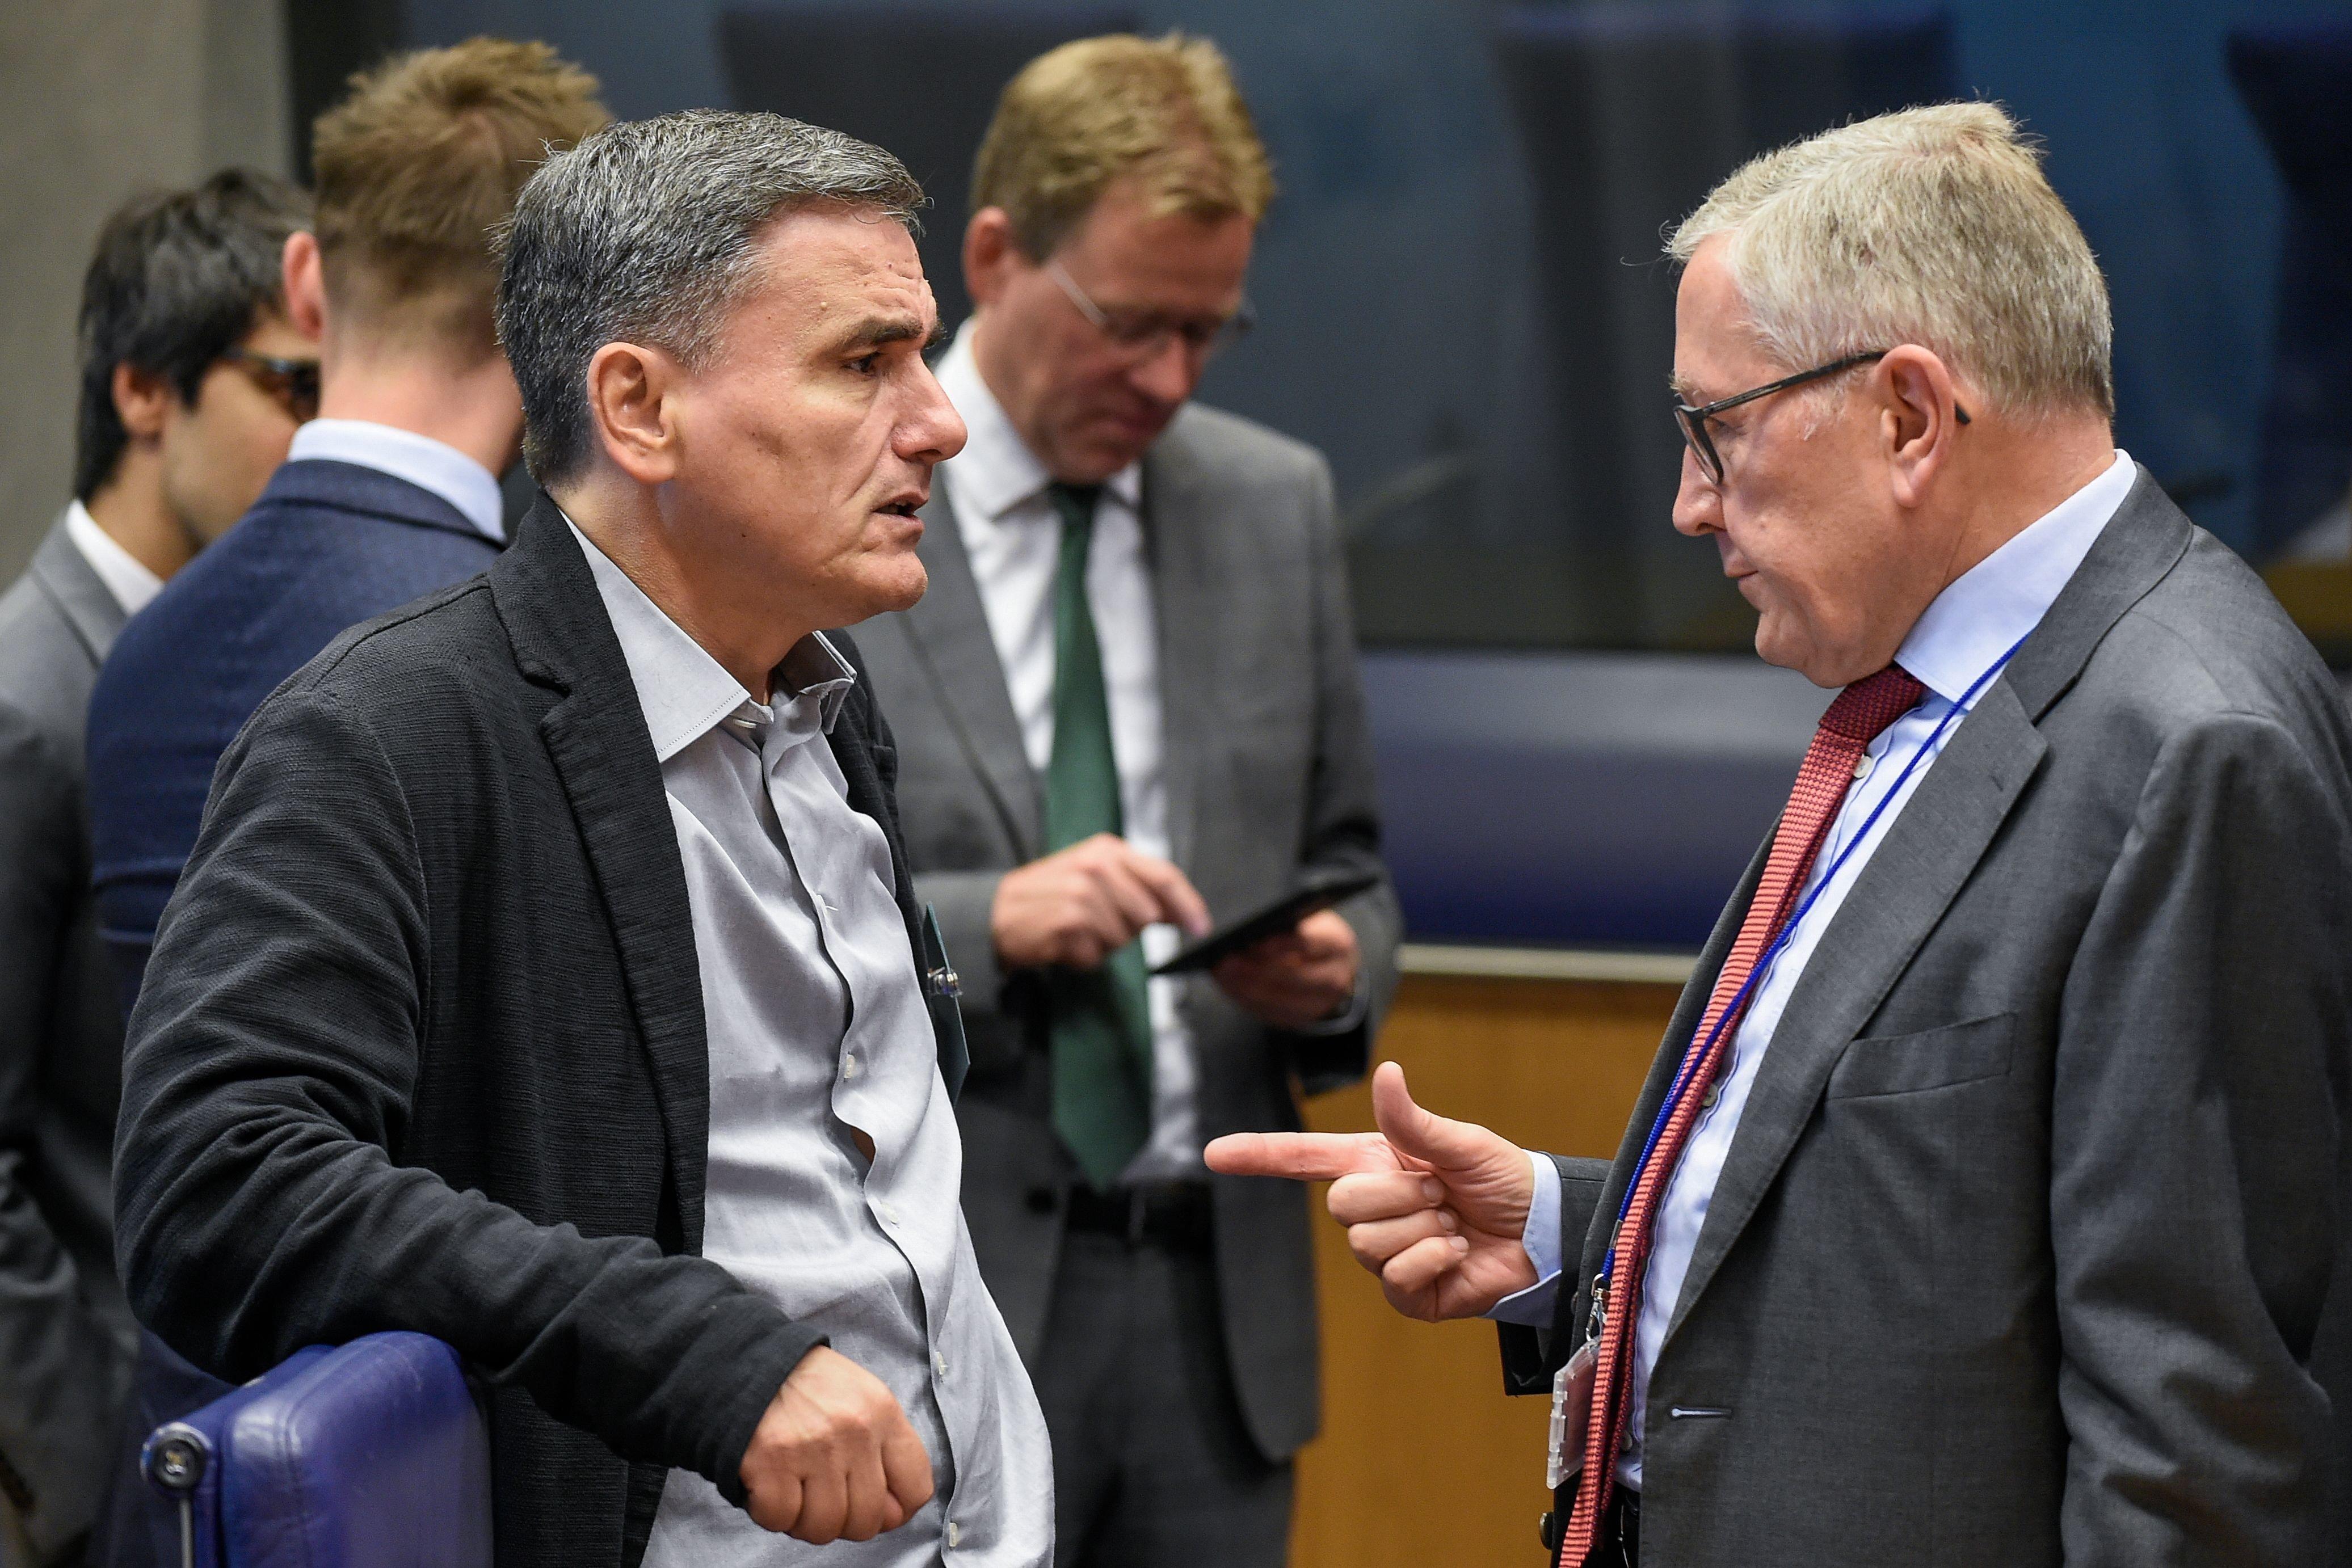 Ρέγκλινγκ: Καλό το μέλλον της ελληνικής οικονομίας αν εφαρμοστούν οι μεταρρυθμίσεις